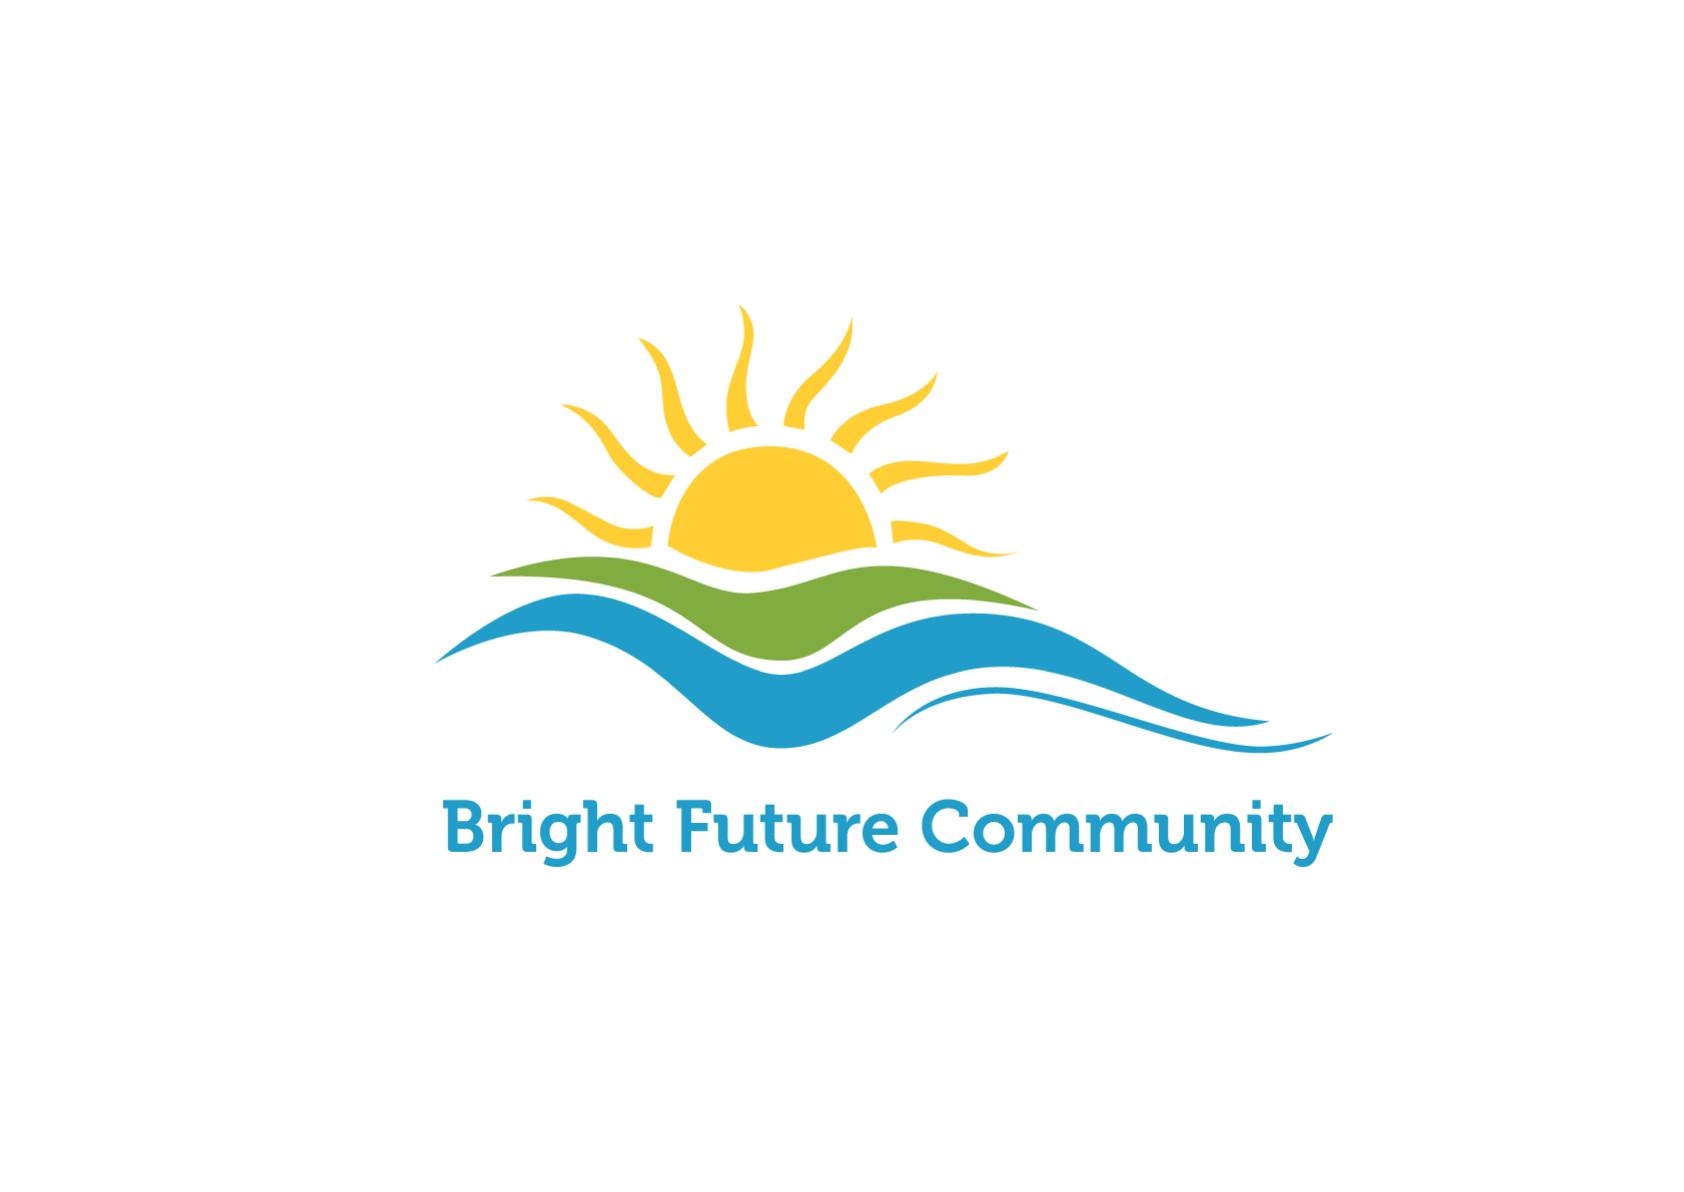 Bright Future Community logo